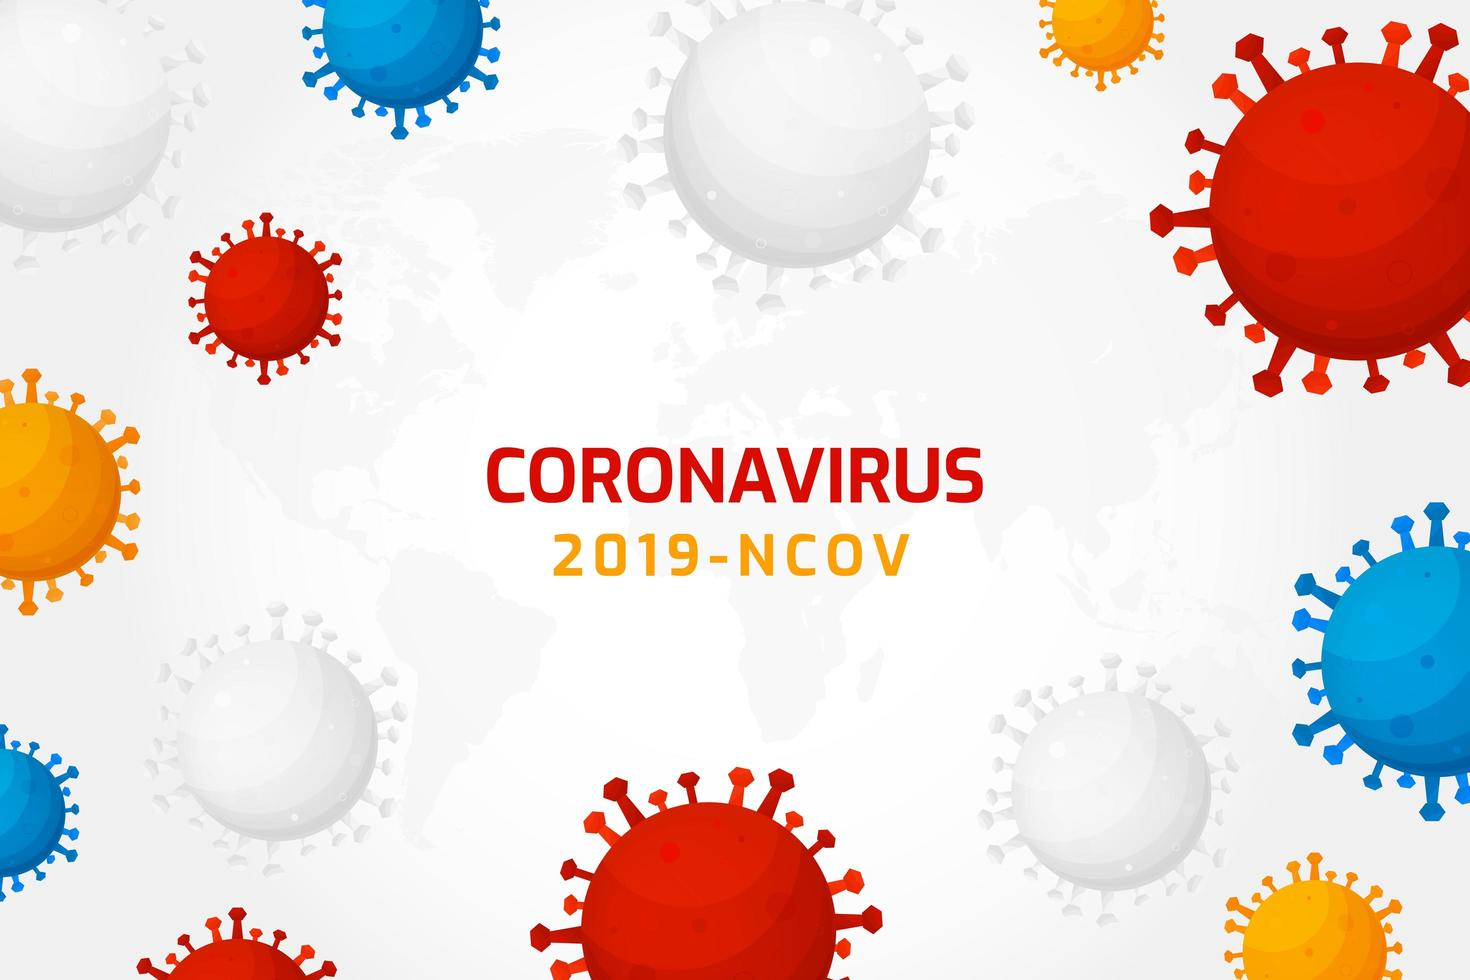 virusinfektion eller bakterieceller bakgrund vektor